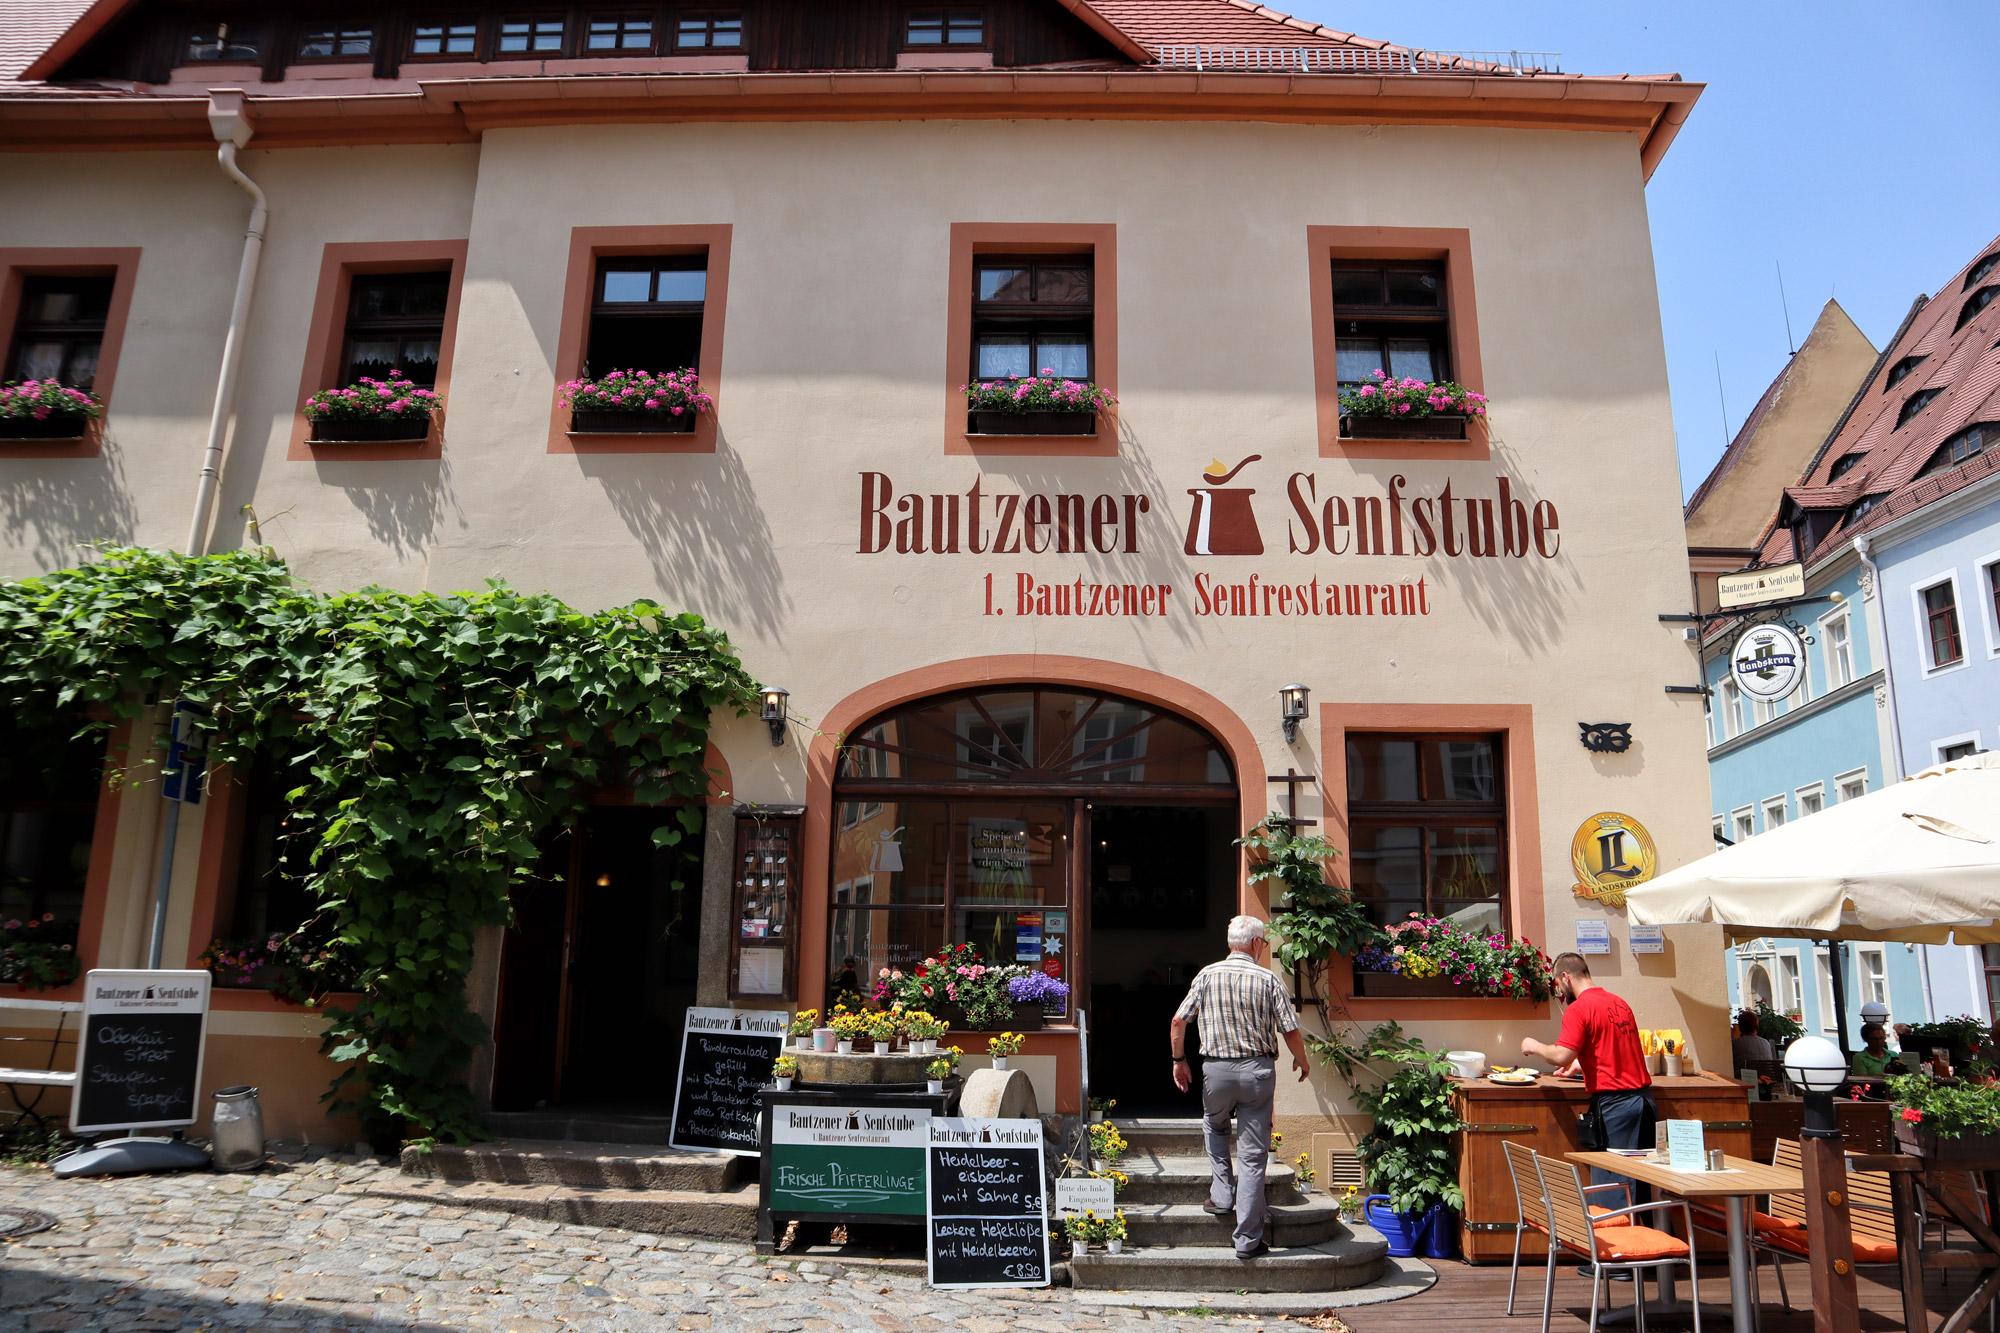 Bautzen - Bautzner Senfstube